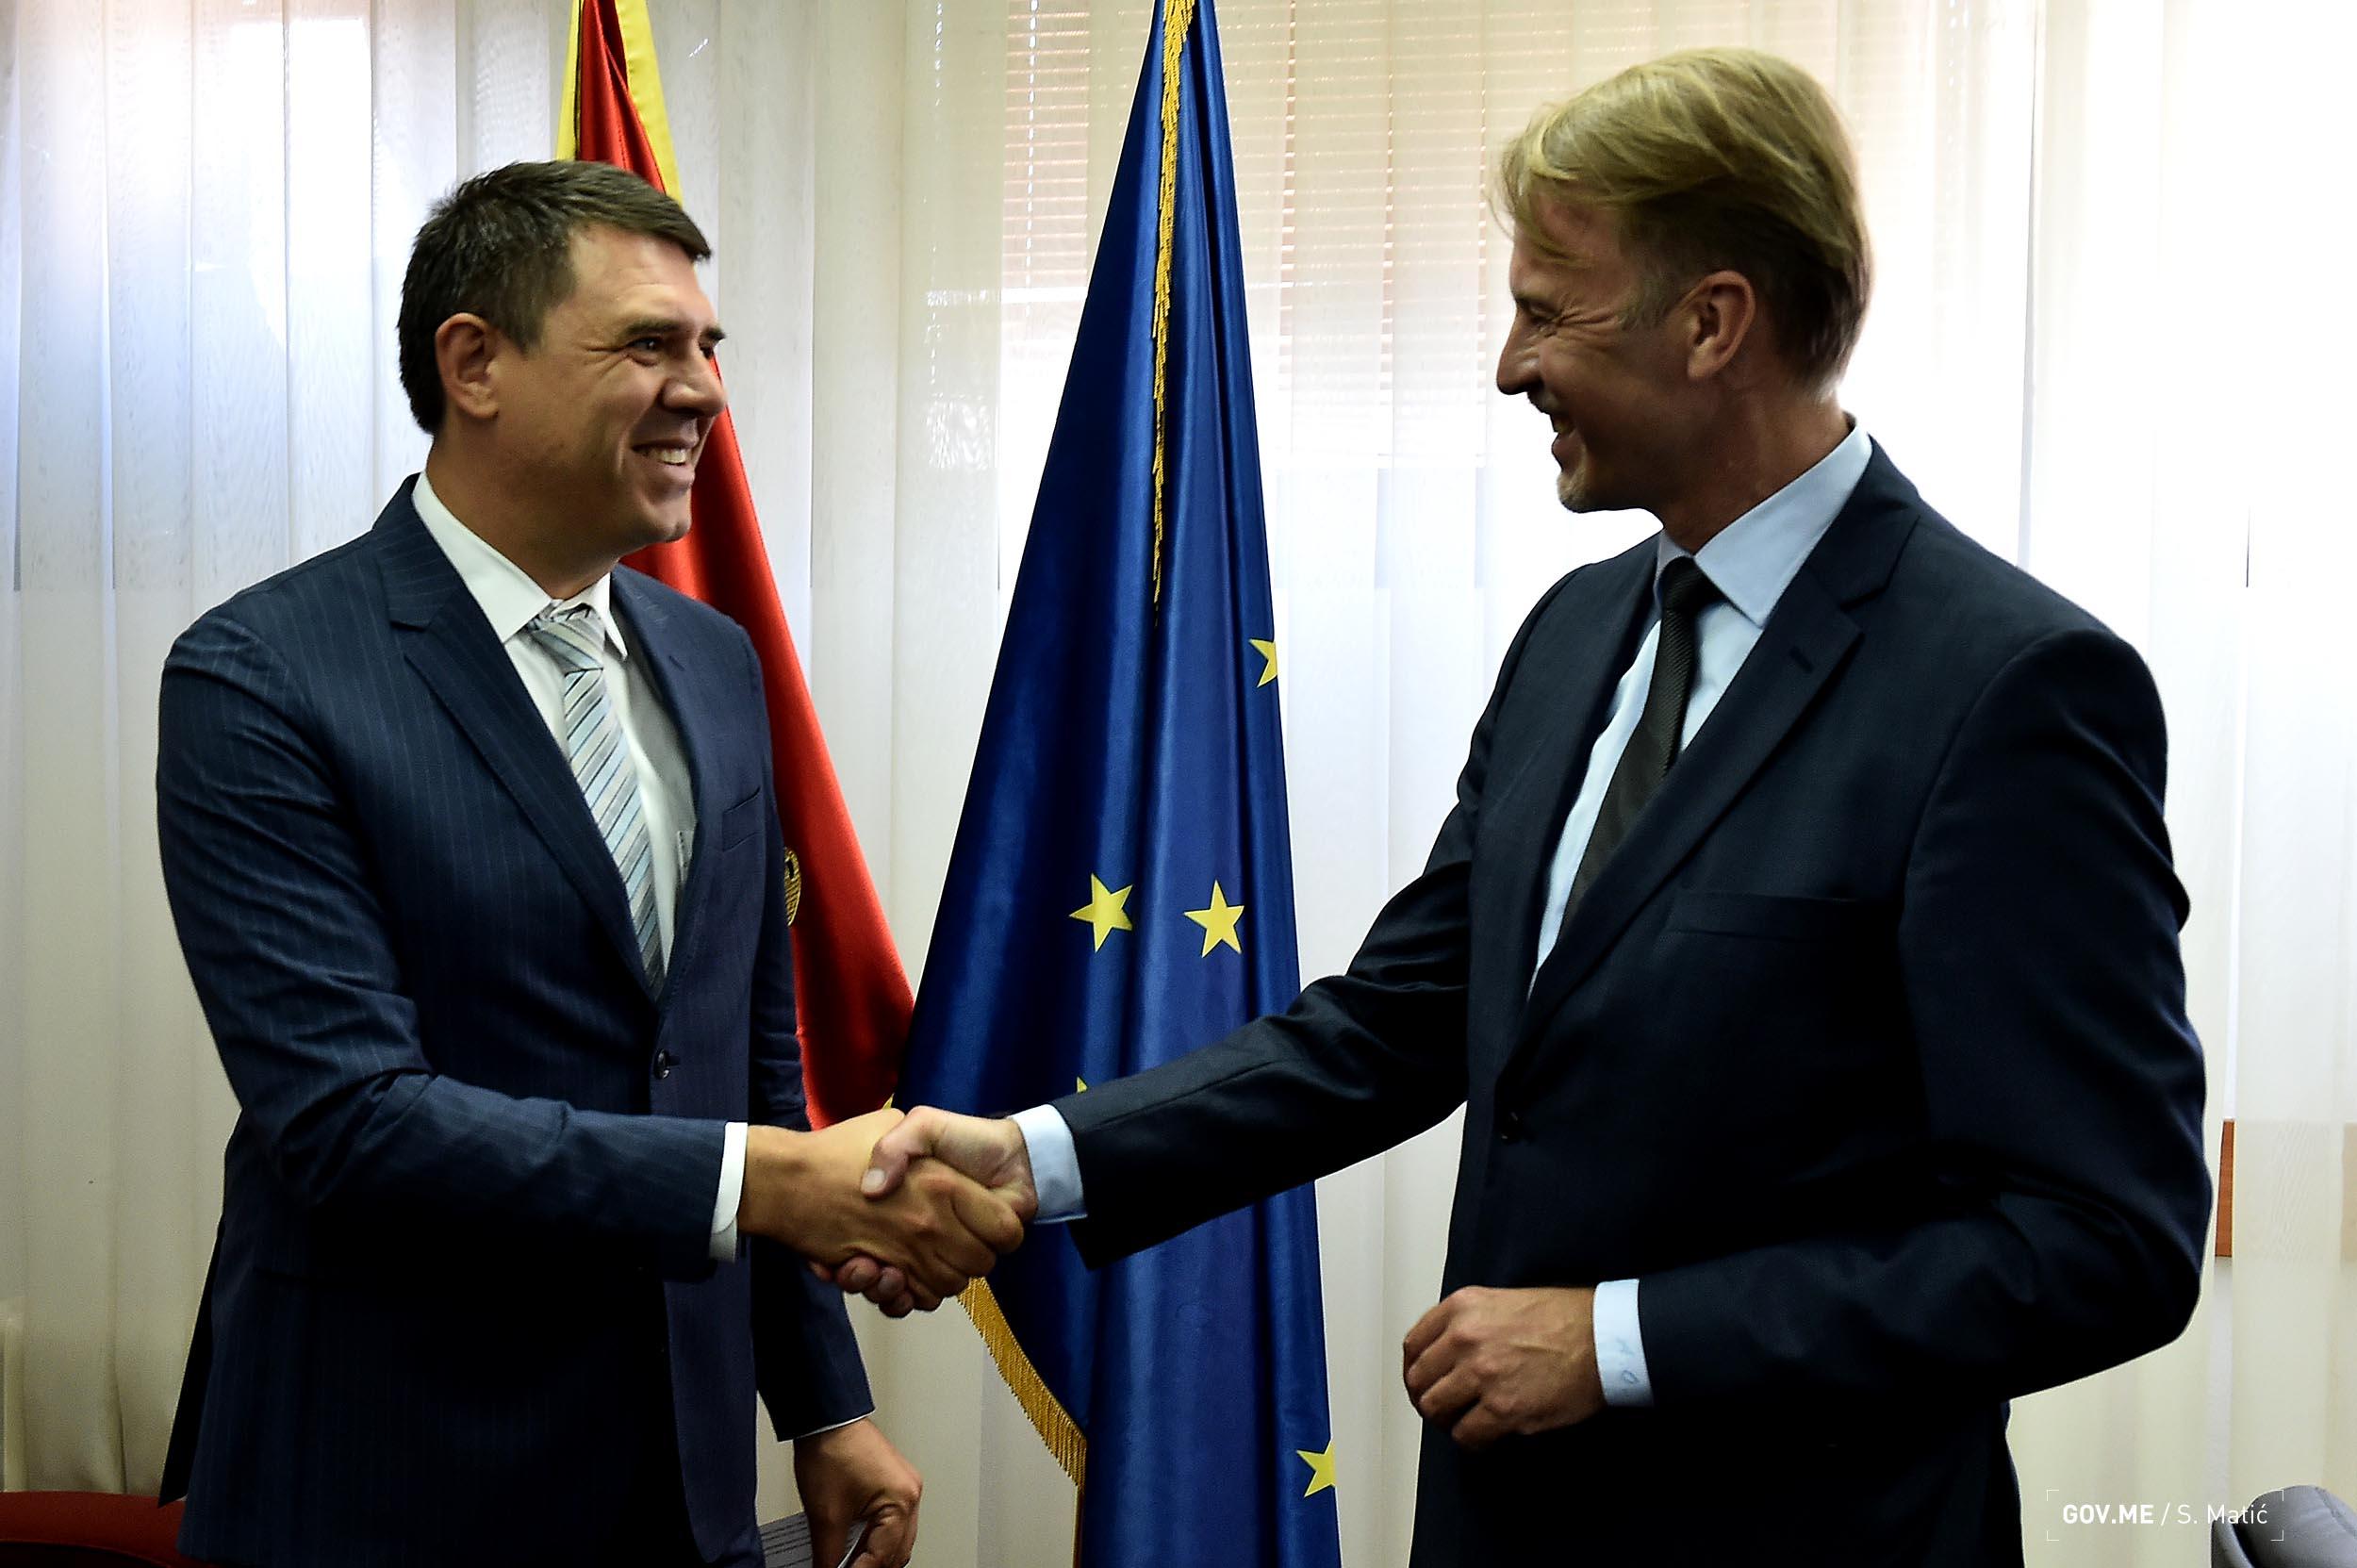 Glavni pregovarac Aleksandar Drljevic sef Delegacije EU u CG Aivo Orav 2